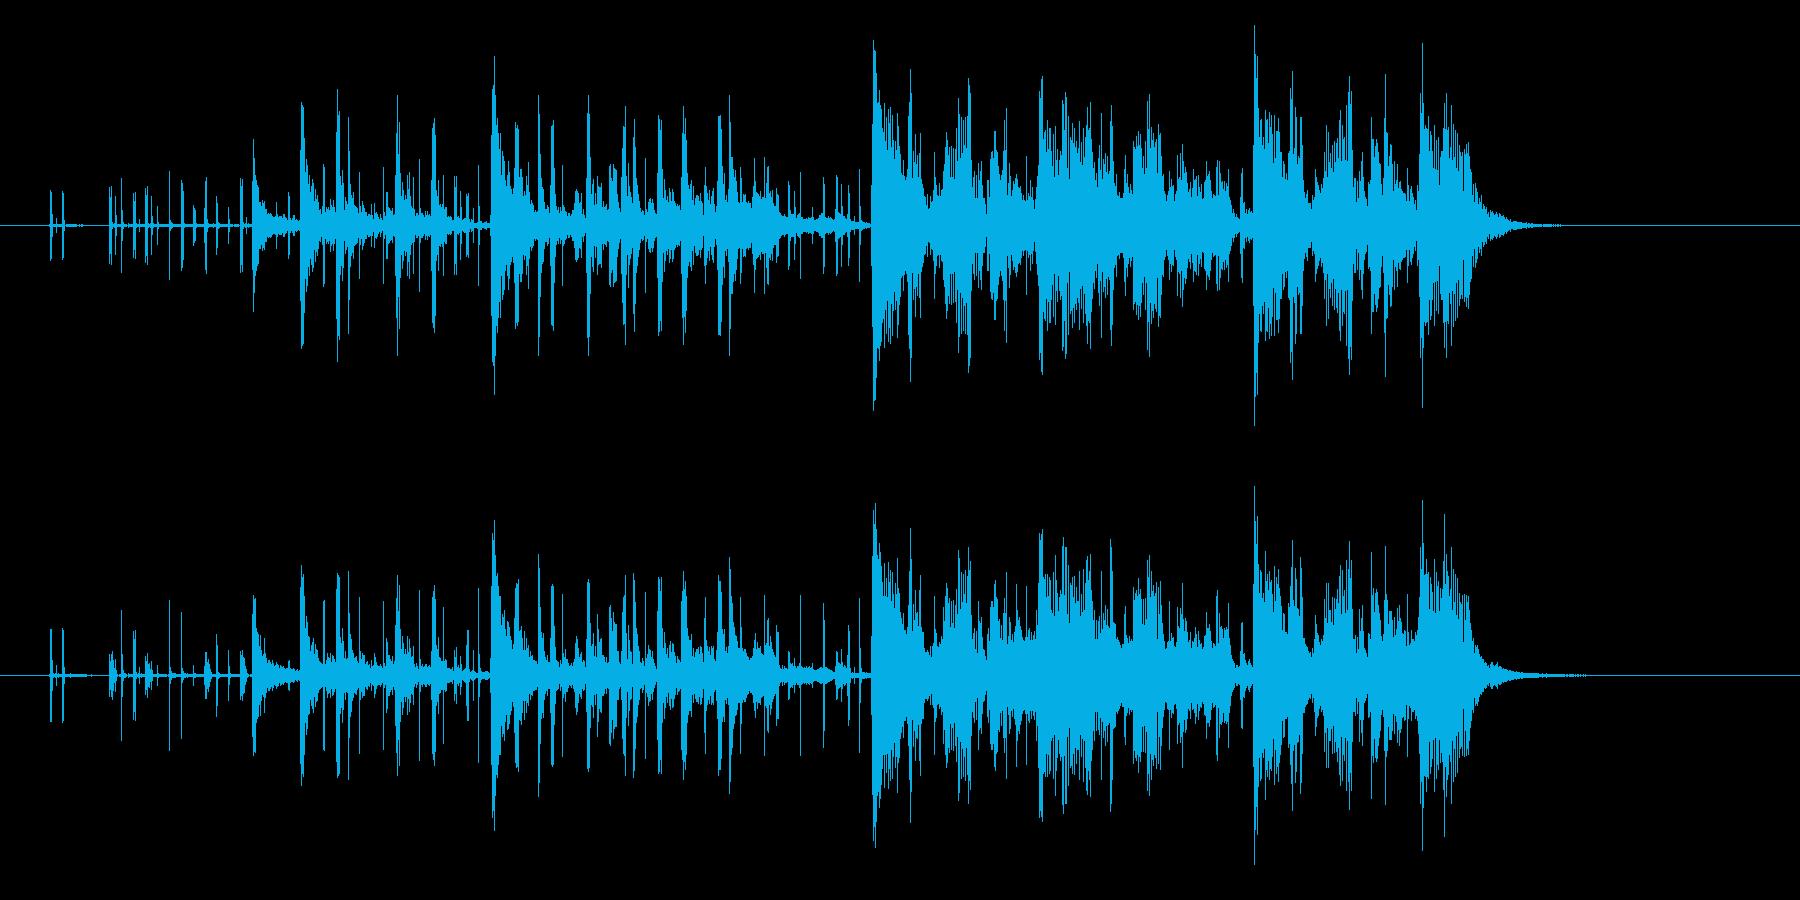 疾走感のあるテクノミュージックの再生済みの波形